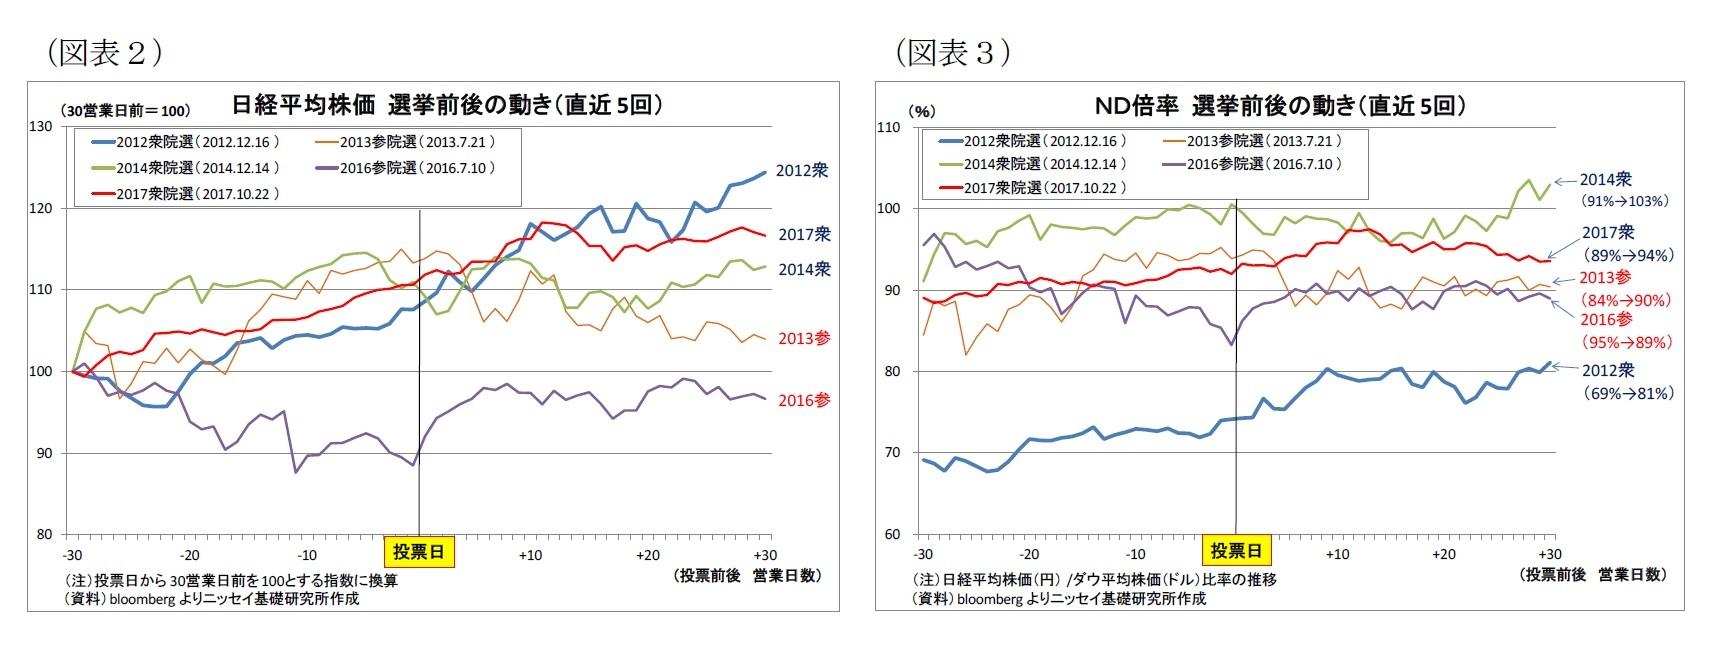 時 株価 系列 平均 日経